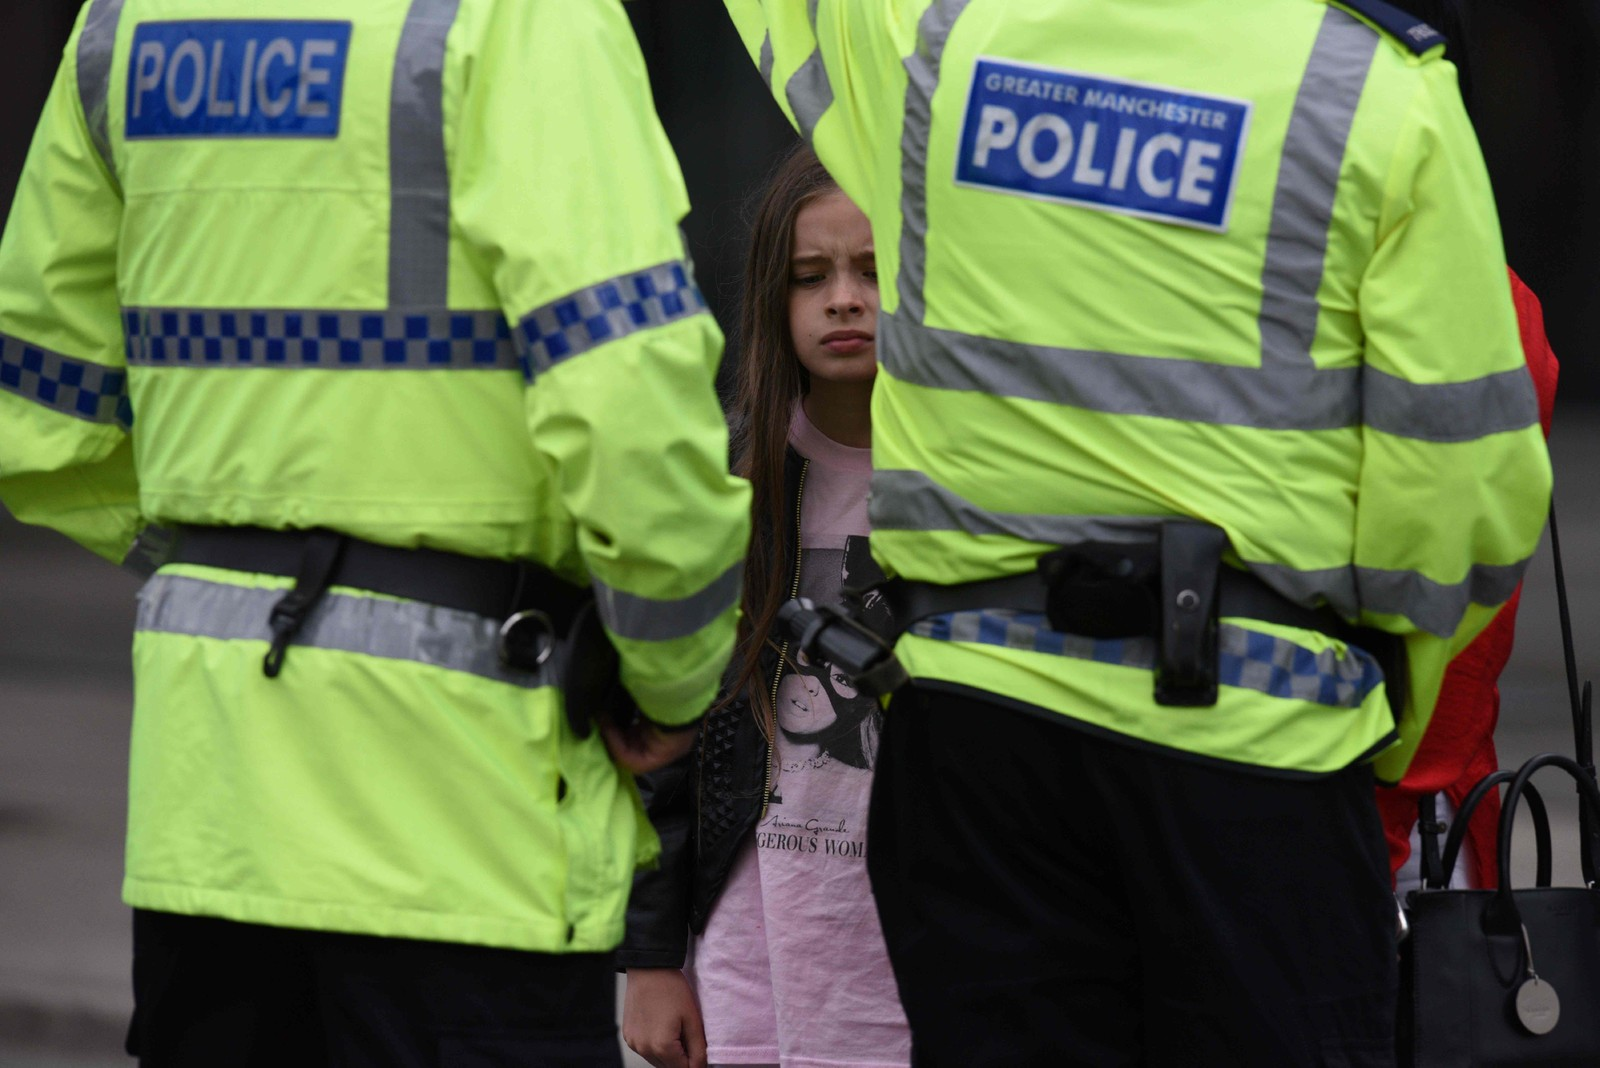 En liten jente med Ariana Grande-skjorte og politi ute på gata.